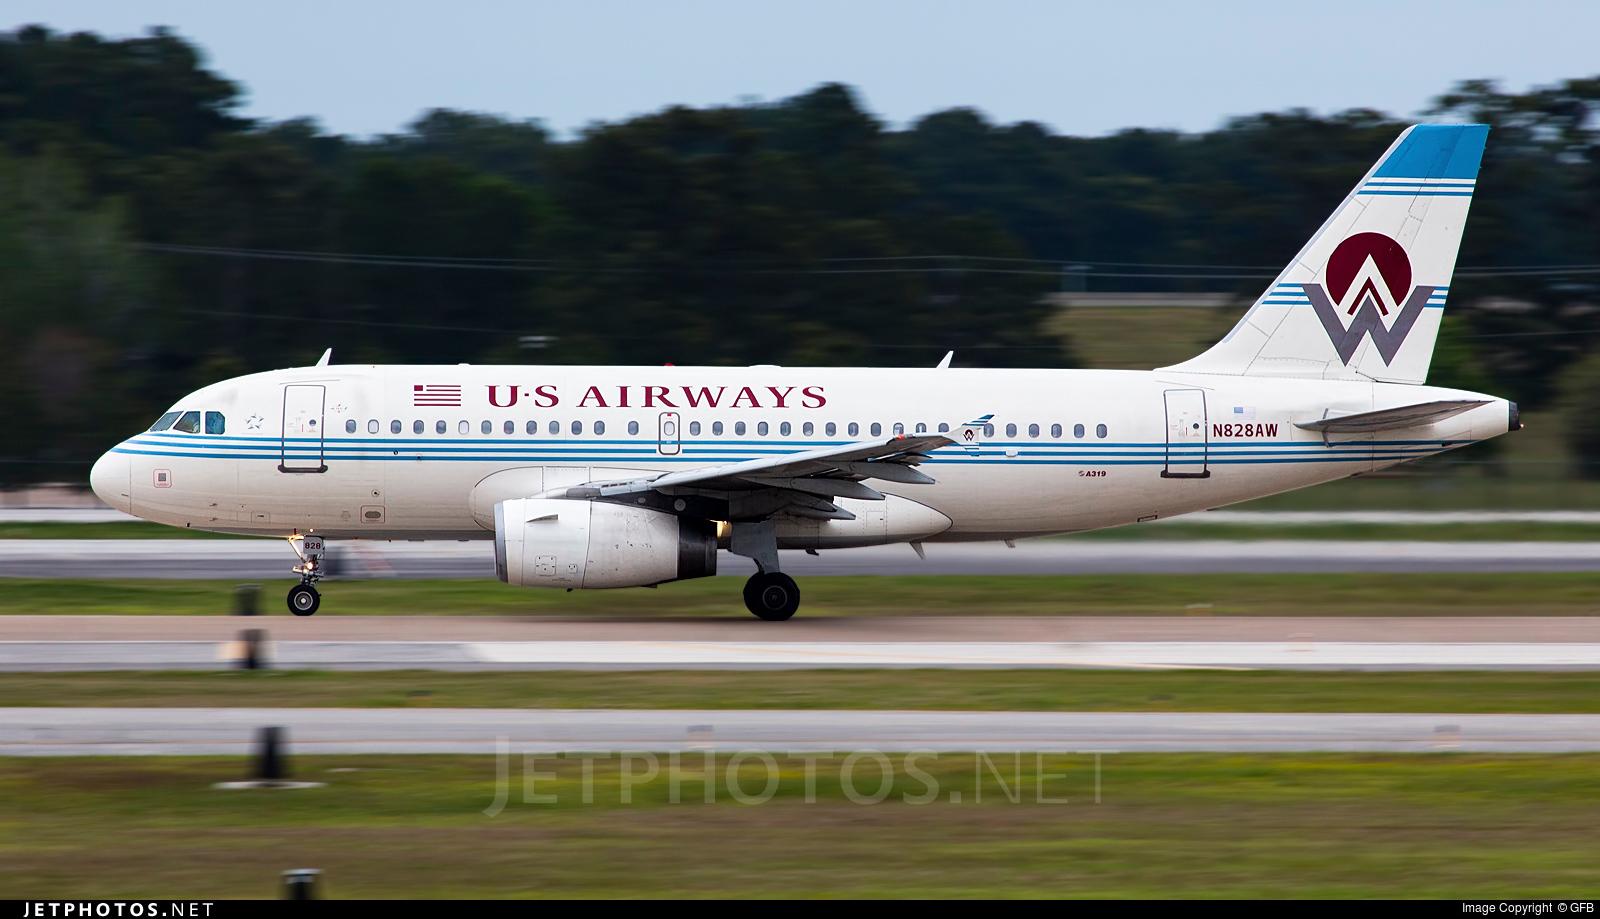 N828AW - Airbus A319-132 - US Airways